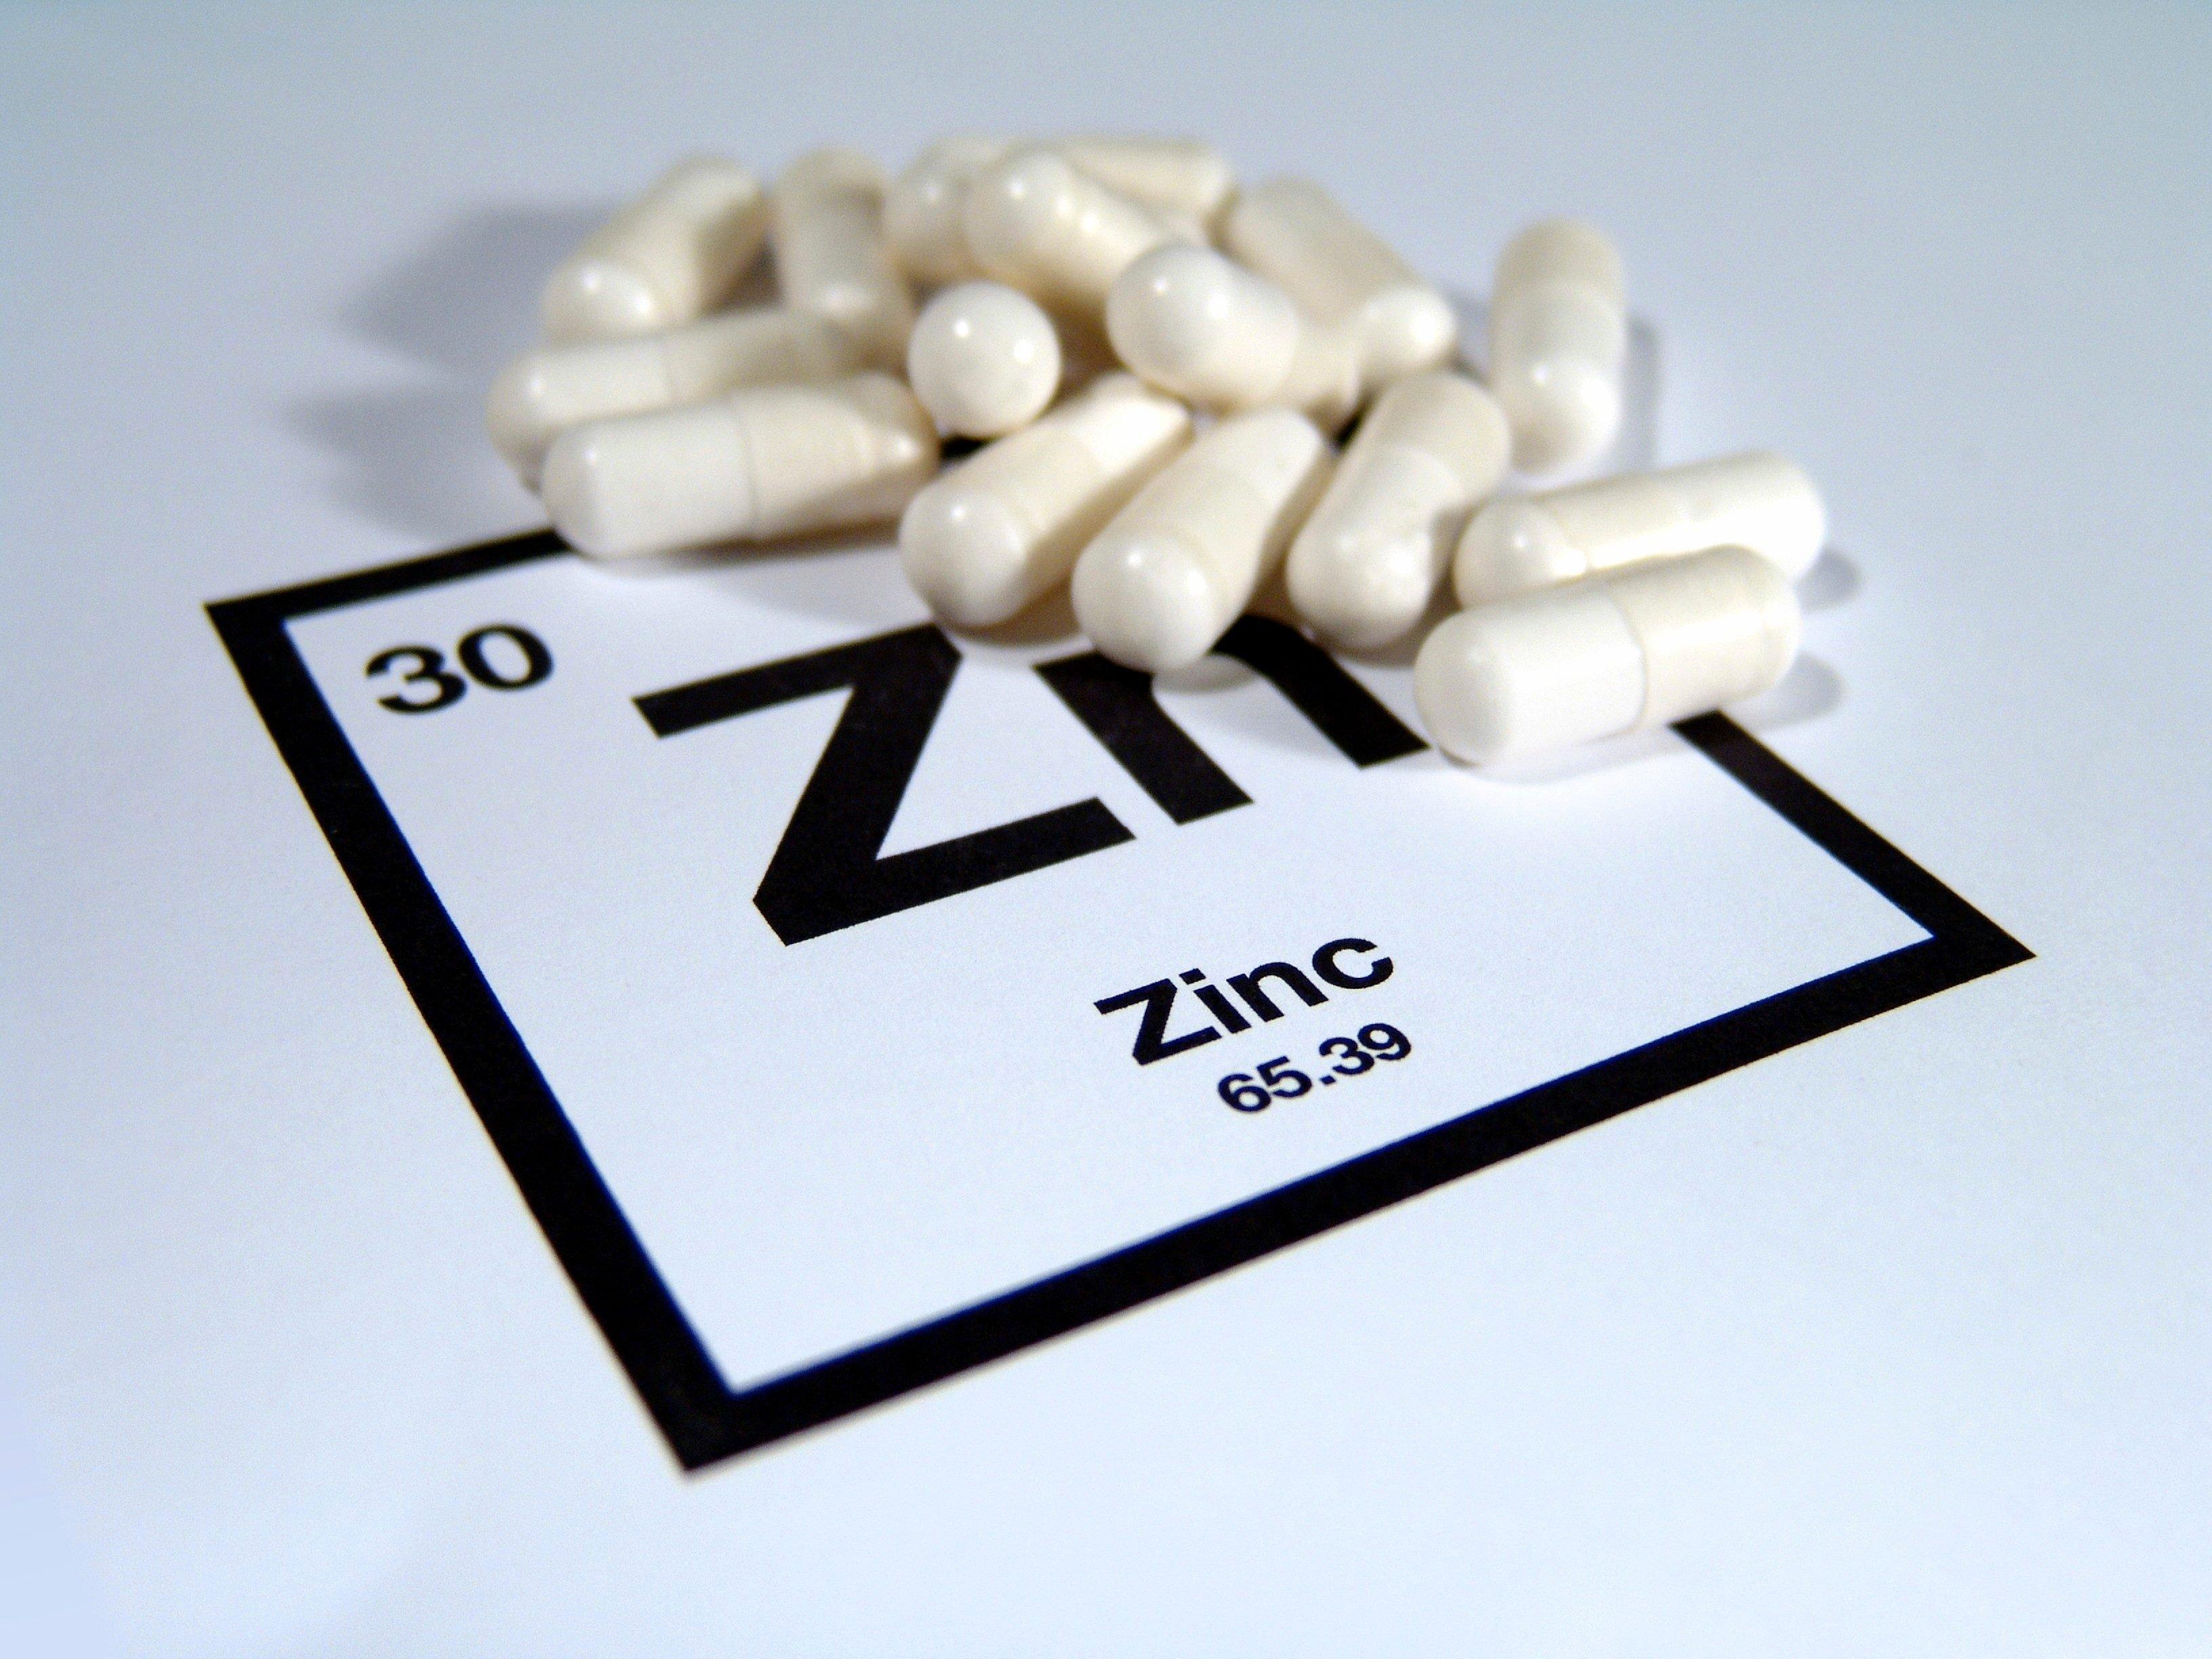 4. Take zinc